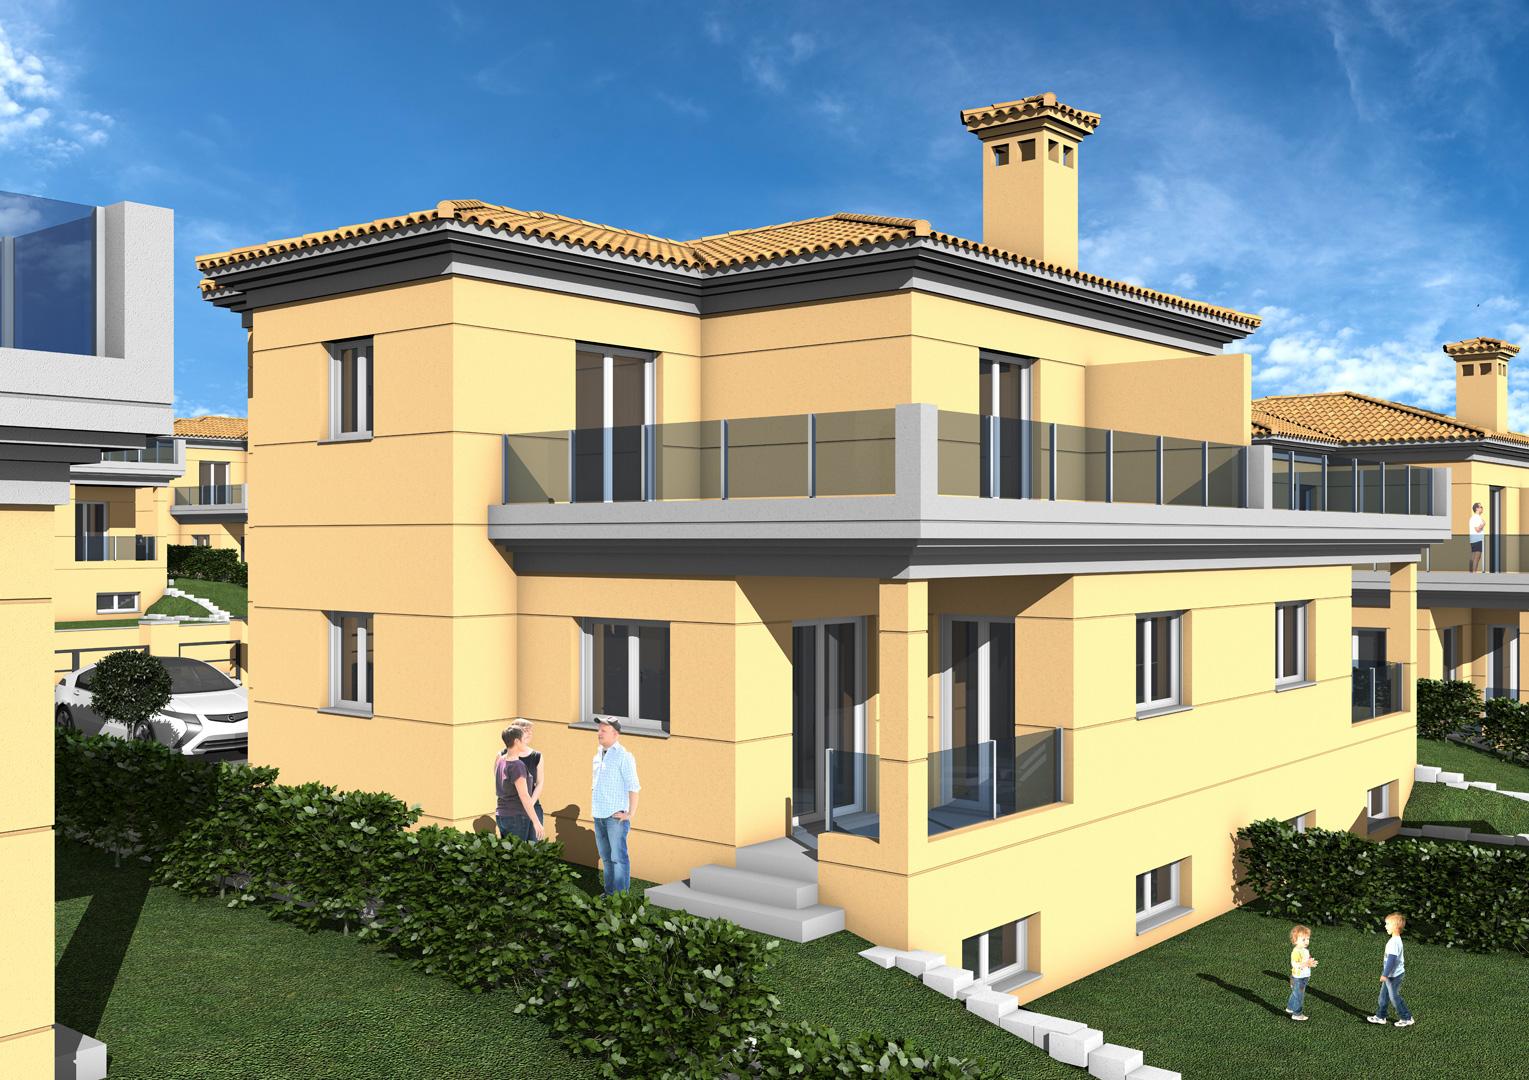 29 viviendas unifamiliares c diz g ngora arquitectos - Arquitectos cadiz ...